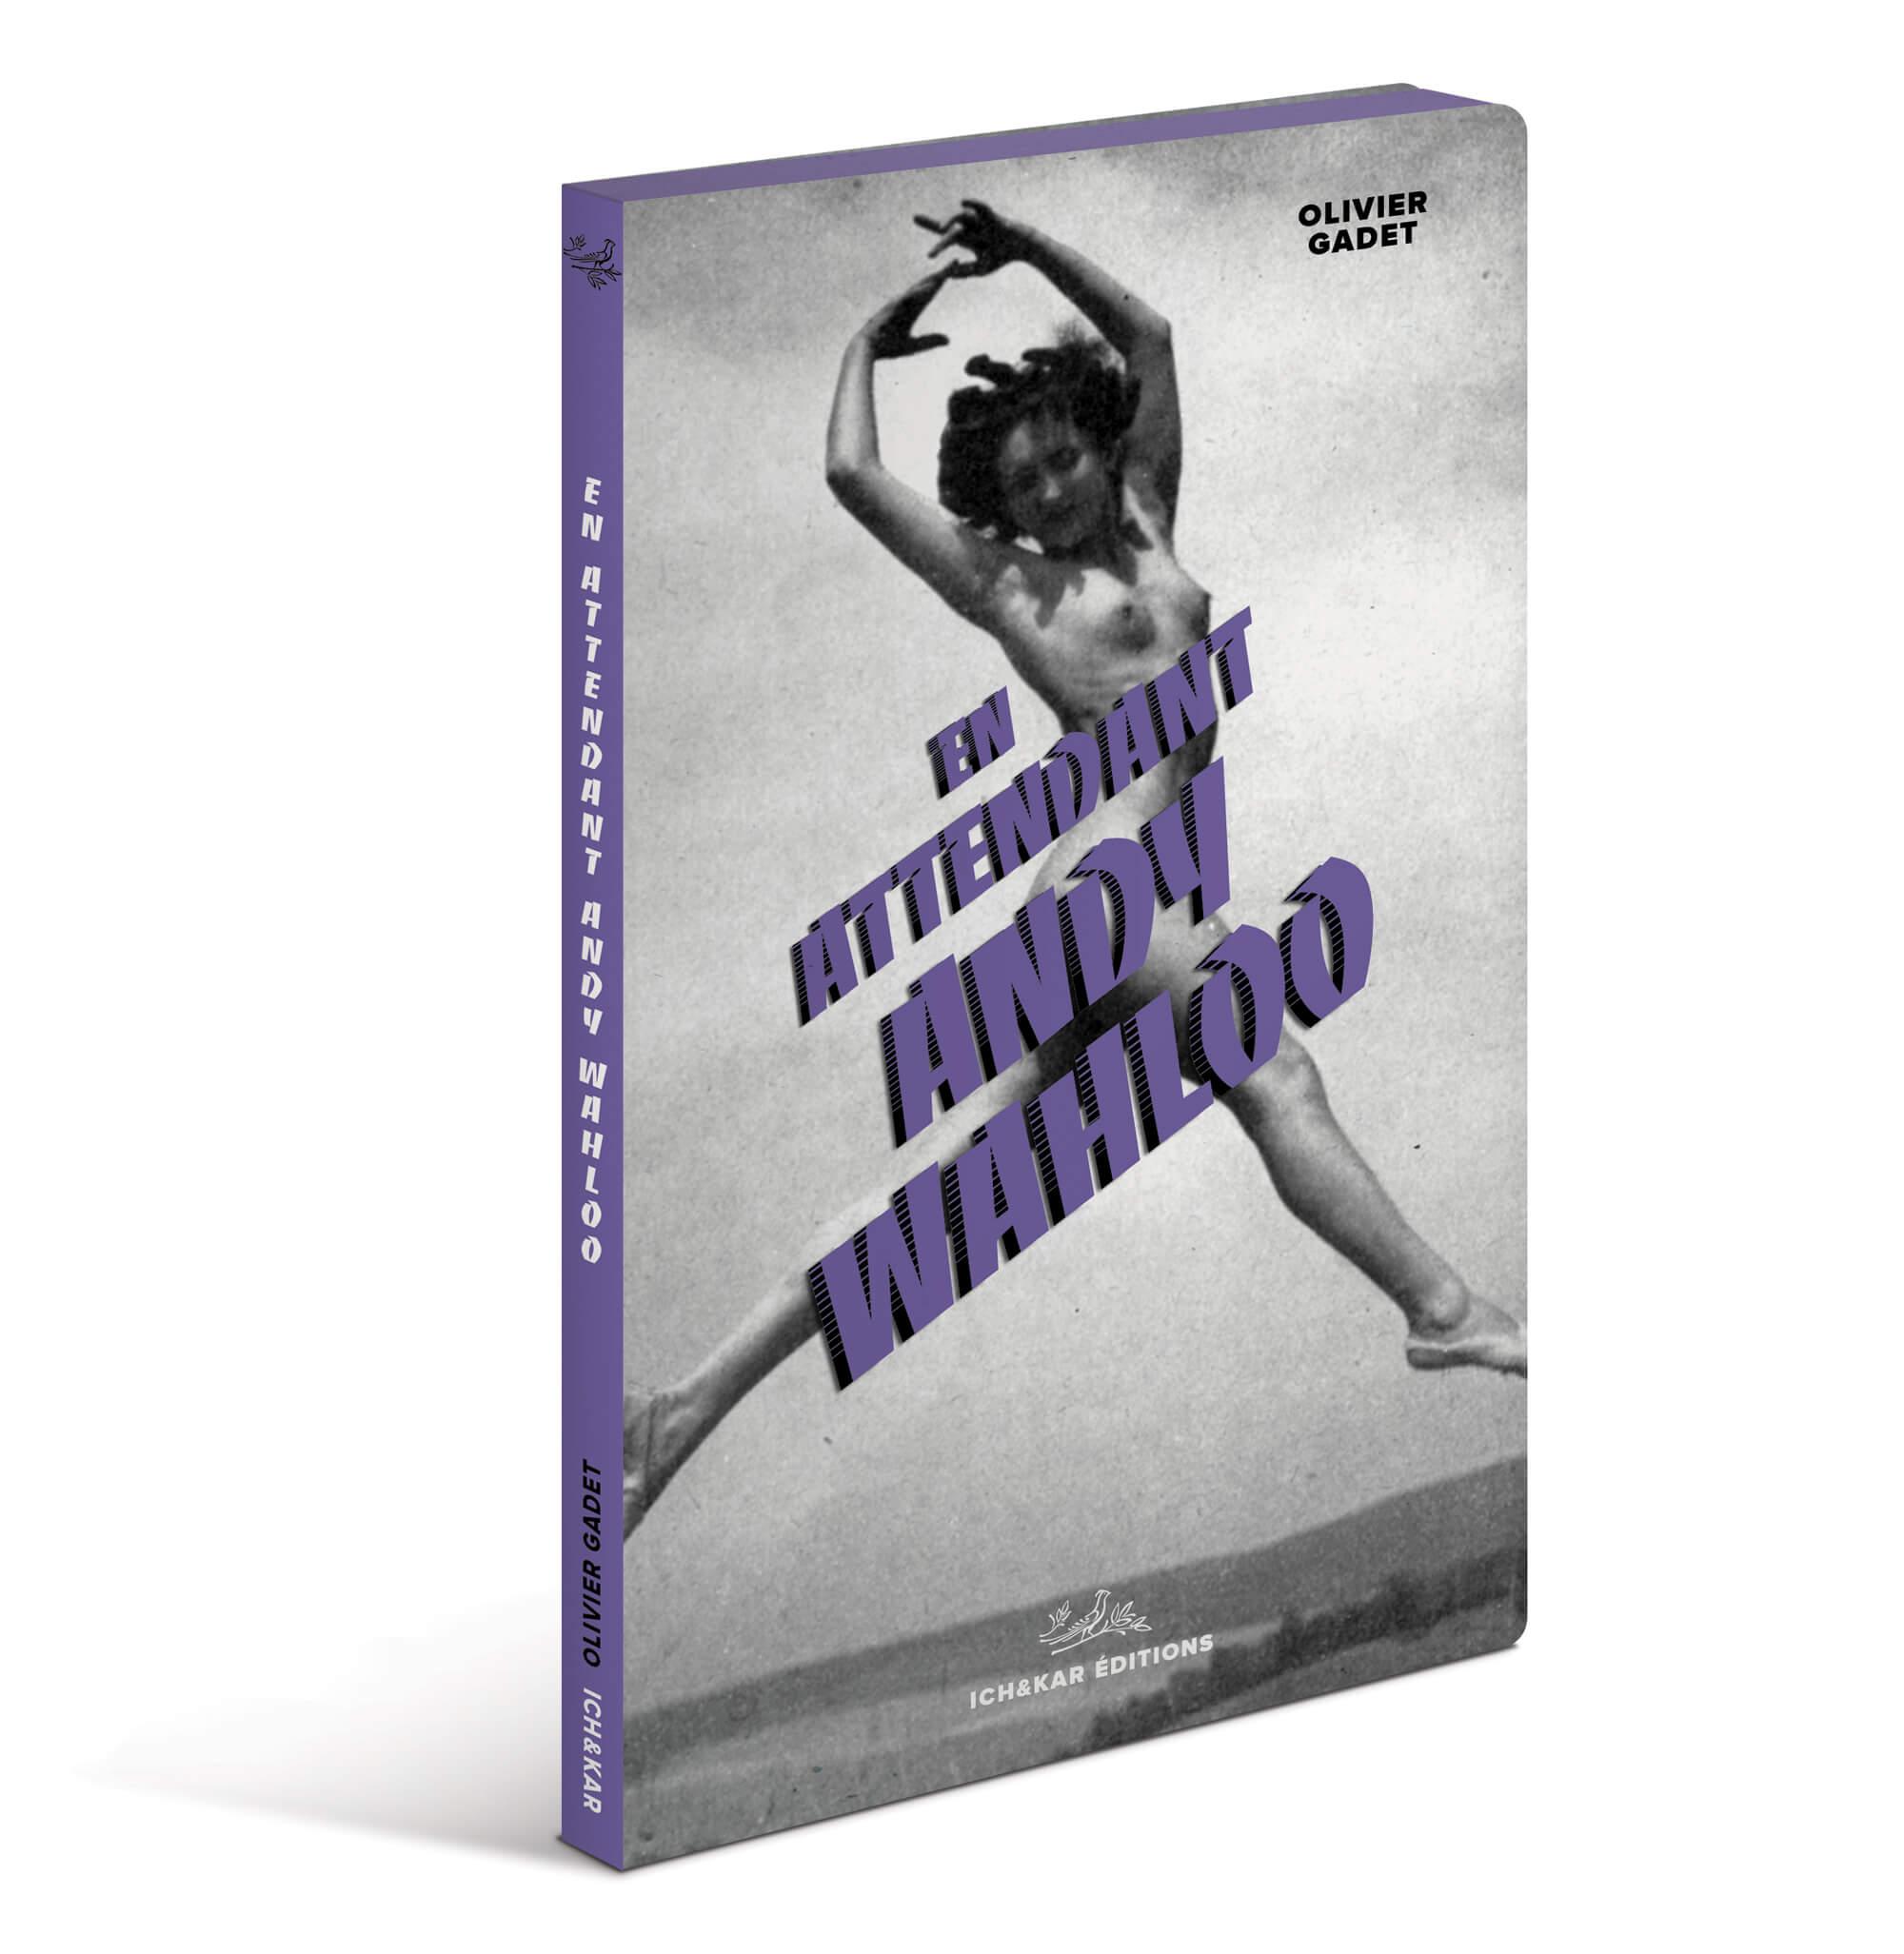 La carte-livre 2019 du bar Parisien Andy Wahloo est un recueil de nouvelles écrit par Olivier Gadet avec la carte des alcools en bas de page, design Ichetkar